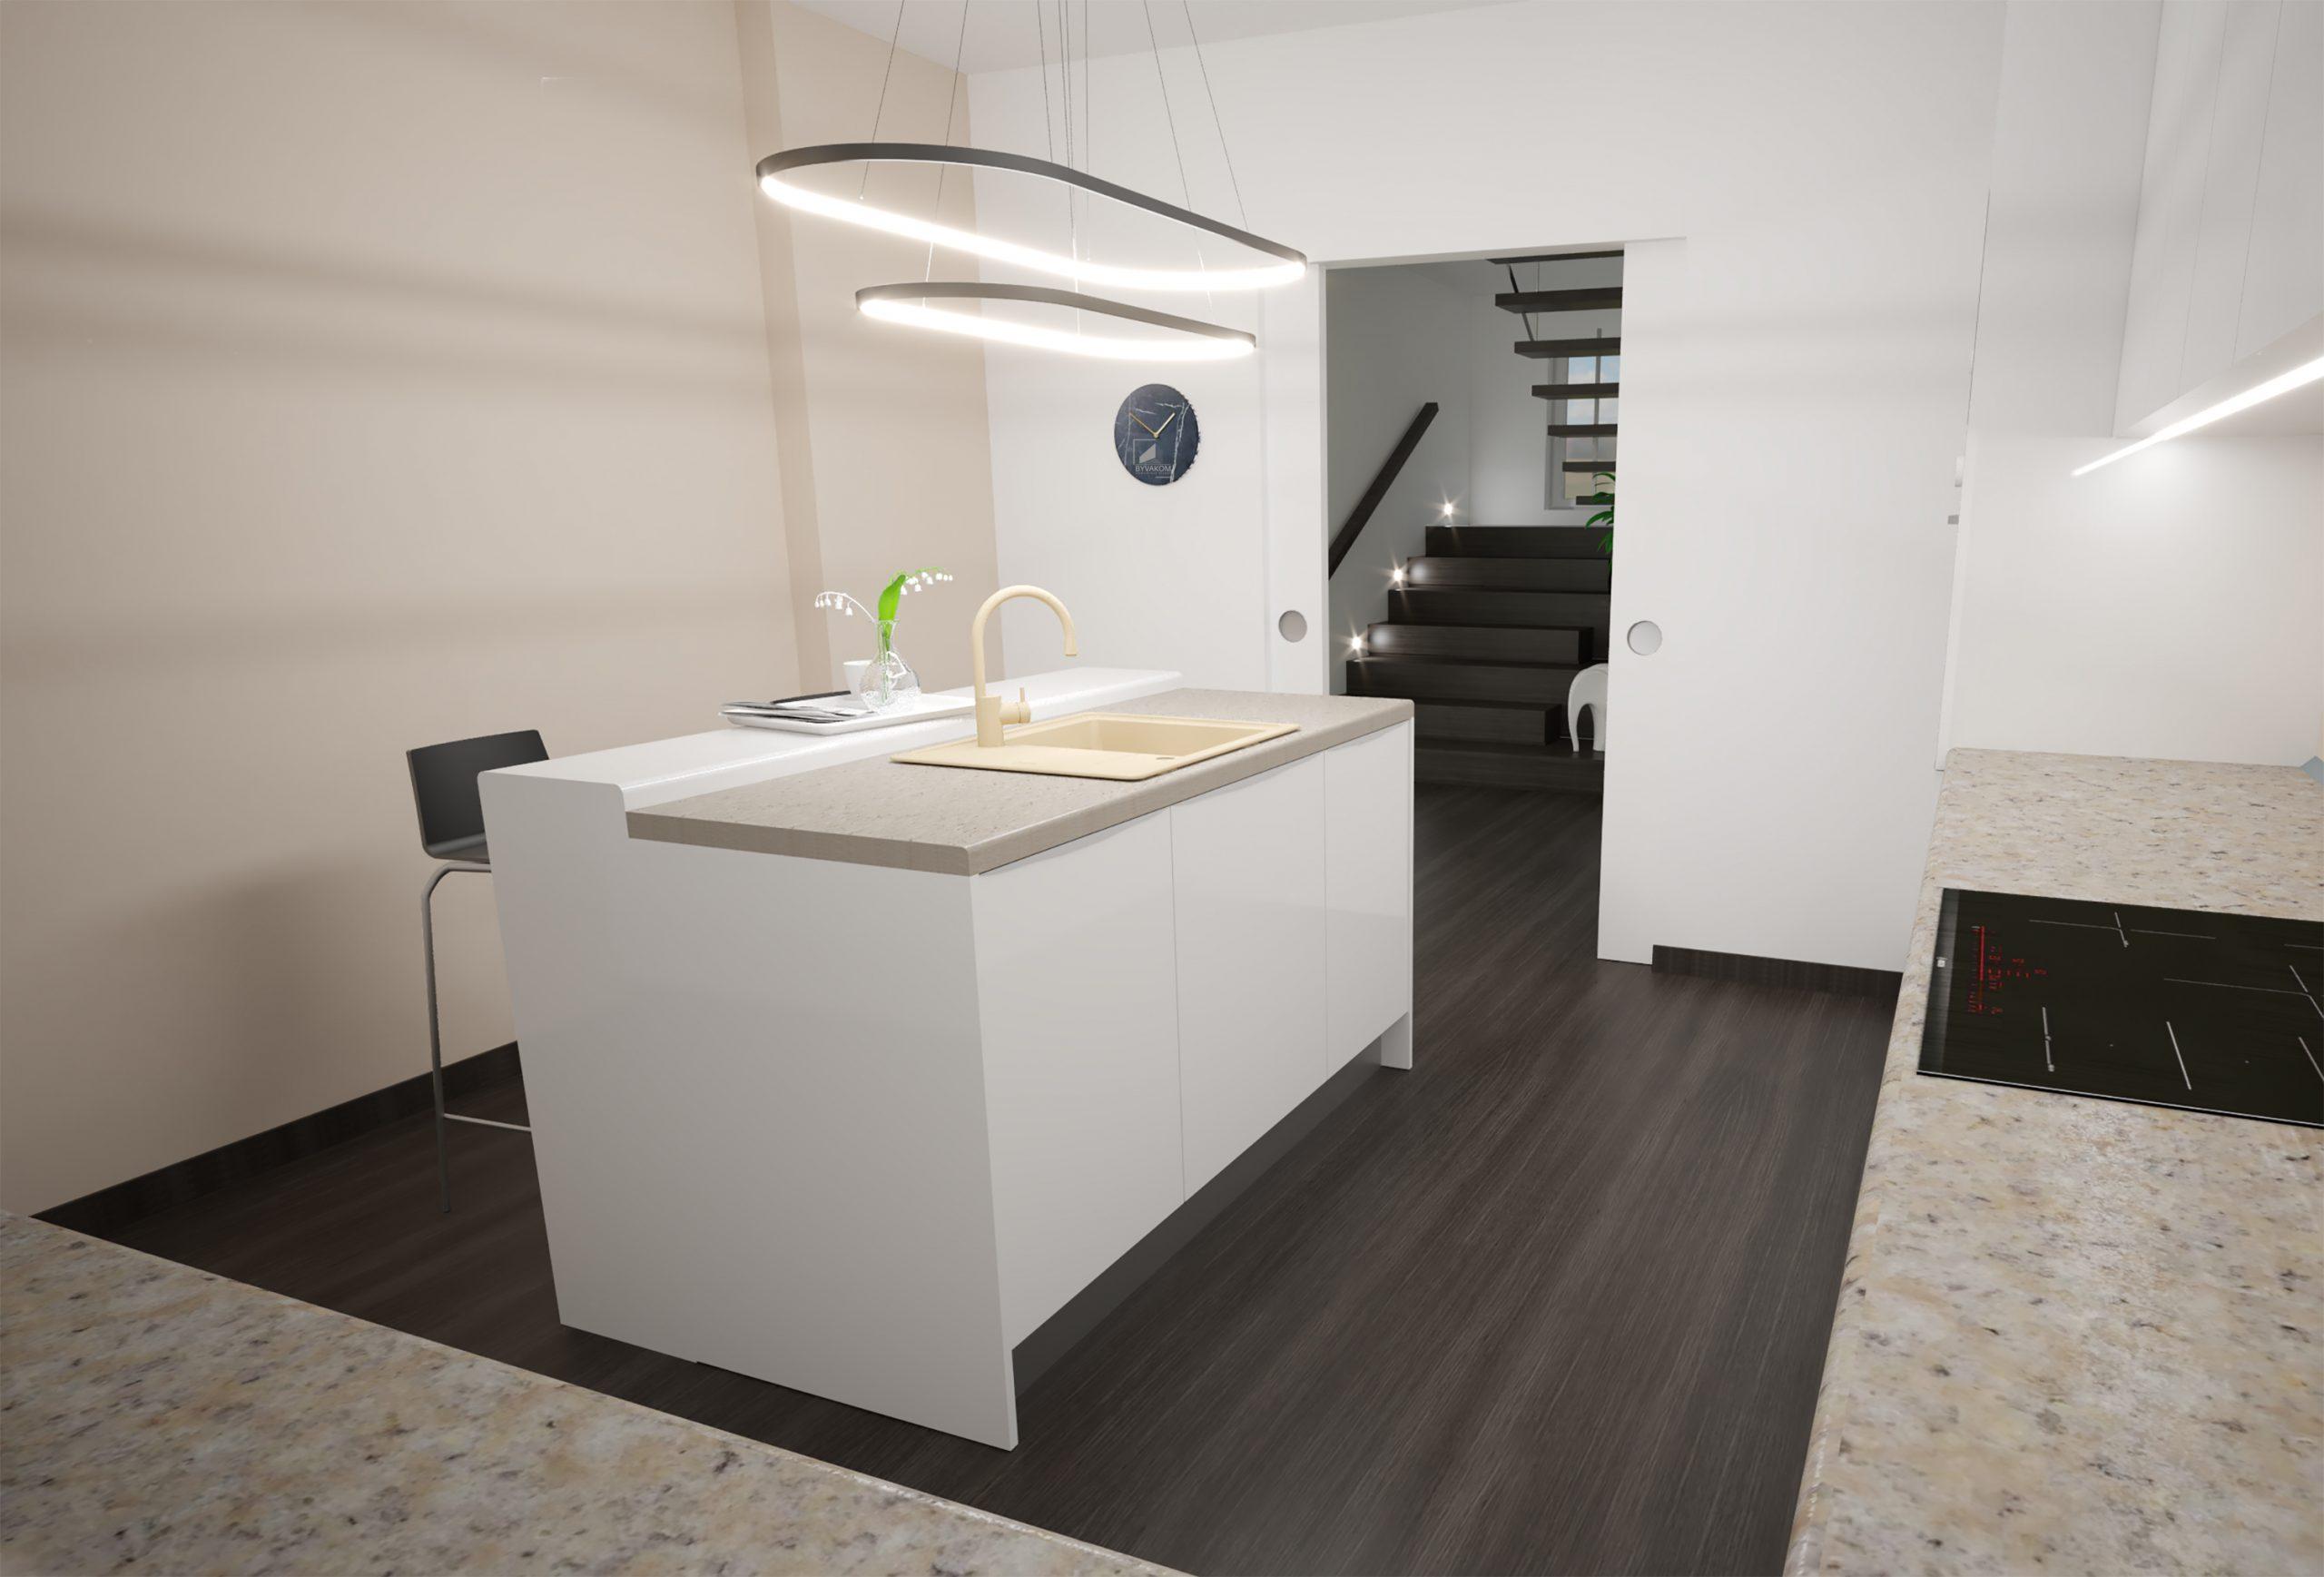 Návrh interiéru kuchynskej linky na mieru s ostrovčekom